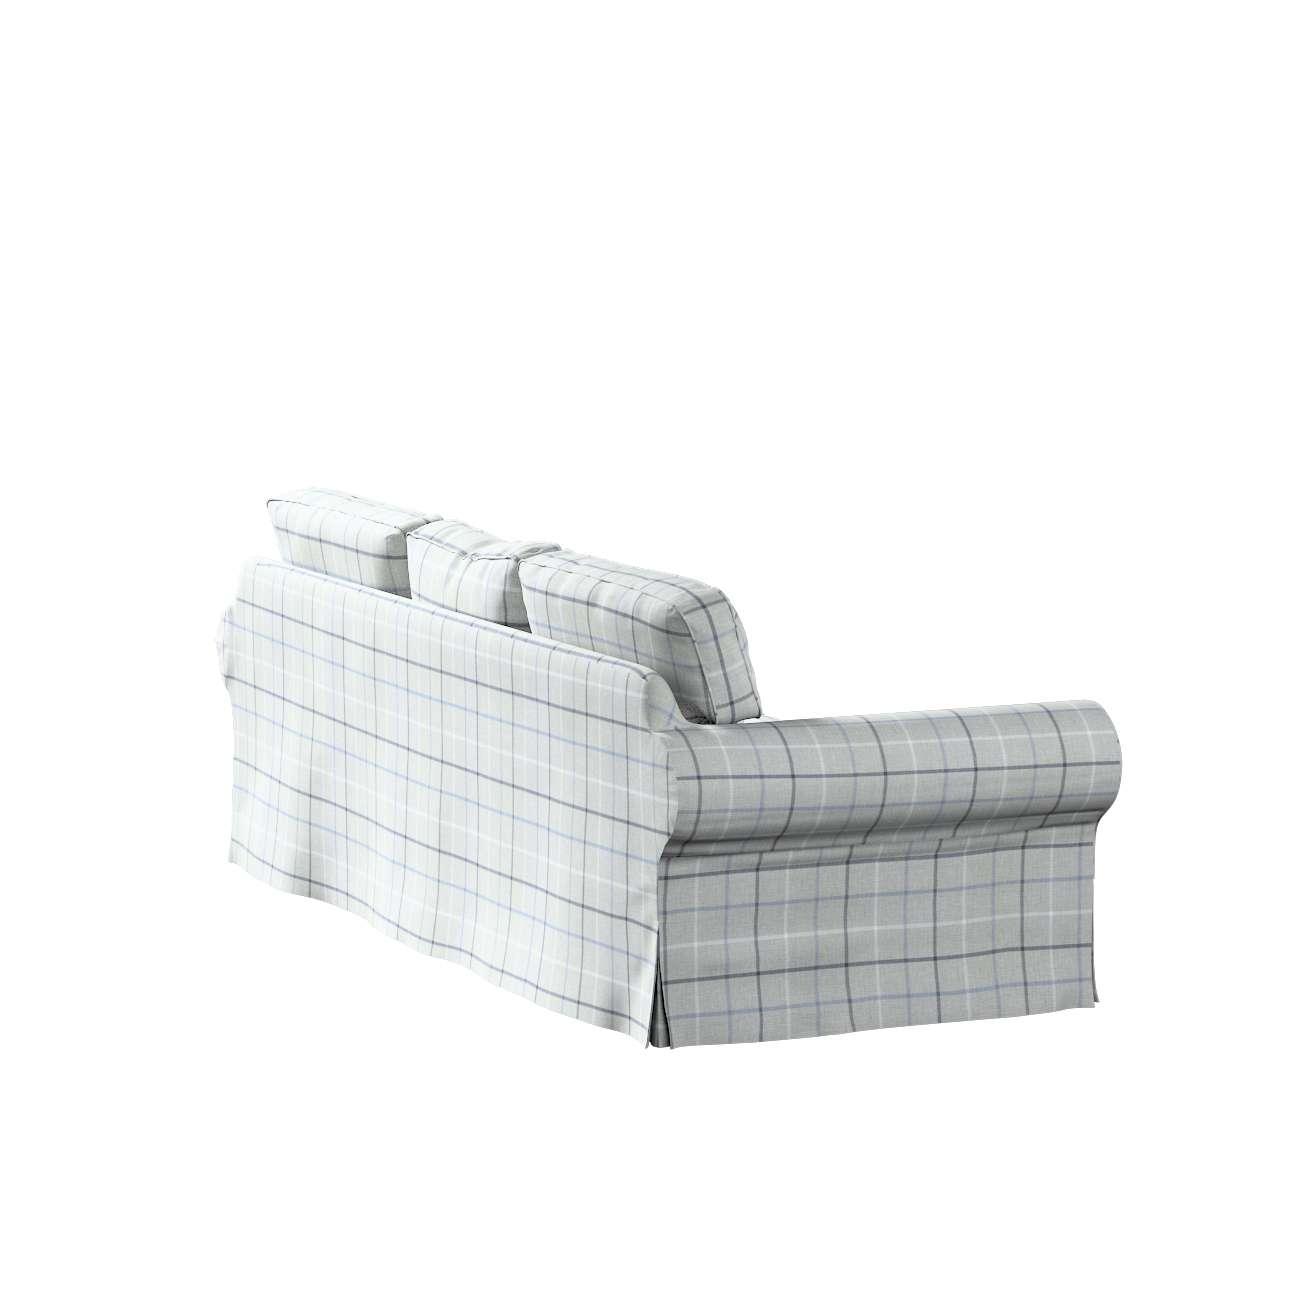 Pokrowiec na sofę Ektorp 3-osobową, rozkładaną w kolekcji Edinburgh, tkanina: 703-18